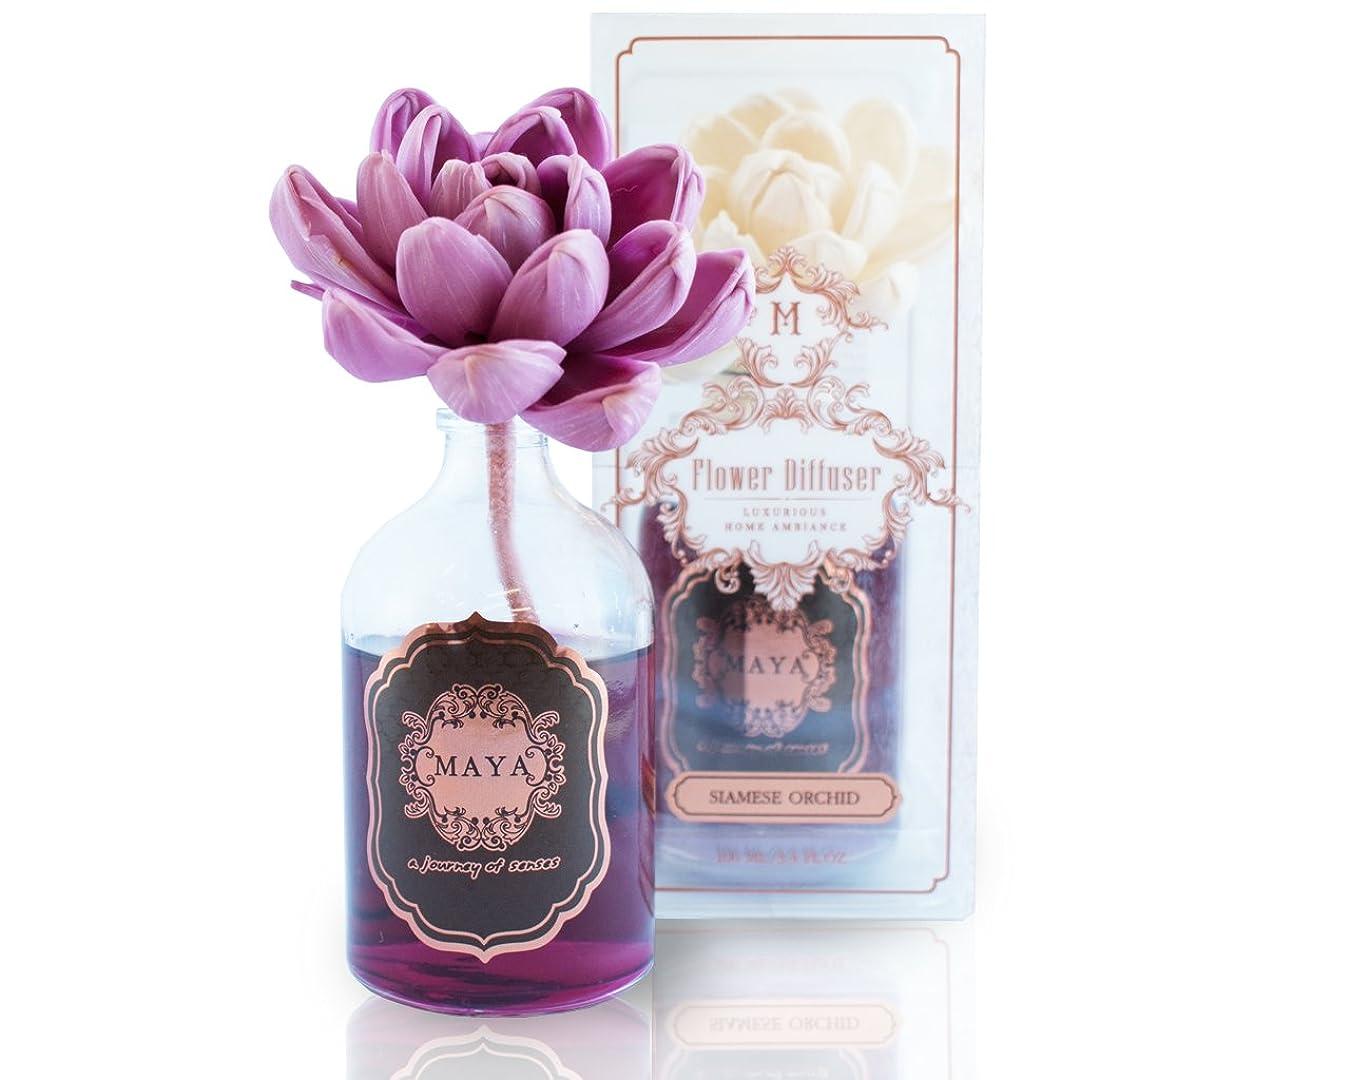 付添人無一文シェルMAYA フラワーディフューザー シアメセオーキッド 100ml | Aroma Flower Diffuser - Saimese Orchid